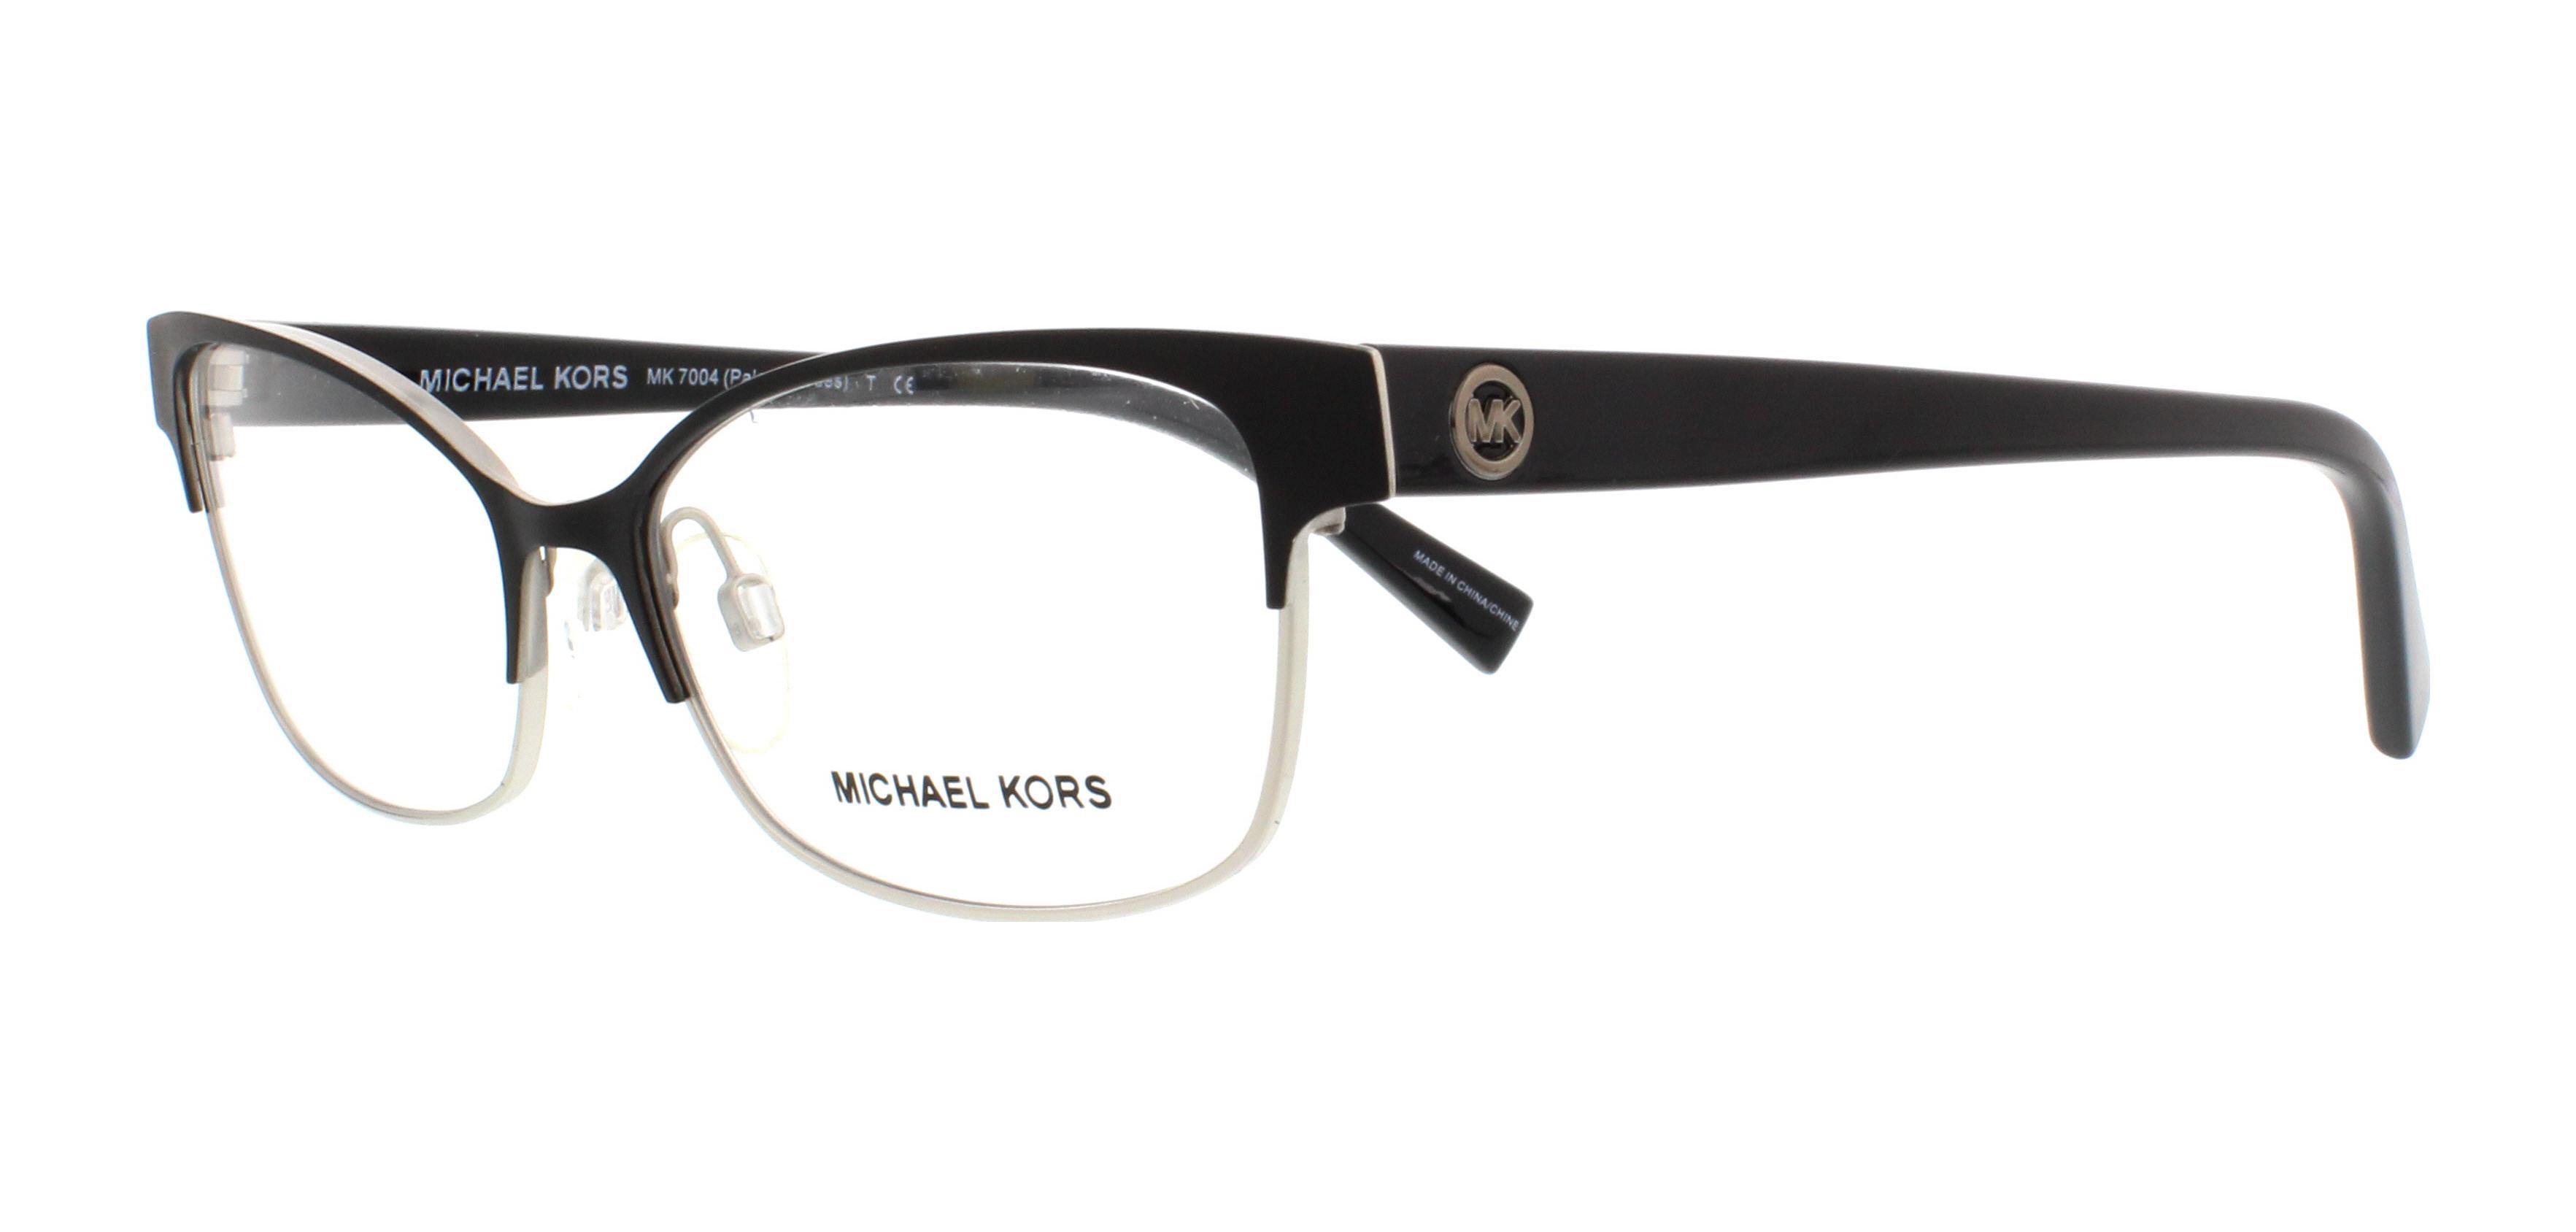 Picture of Michael Kors MK7004 Palos Verdes